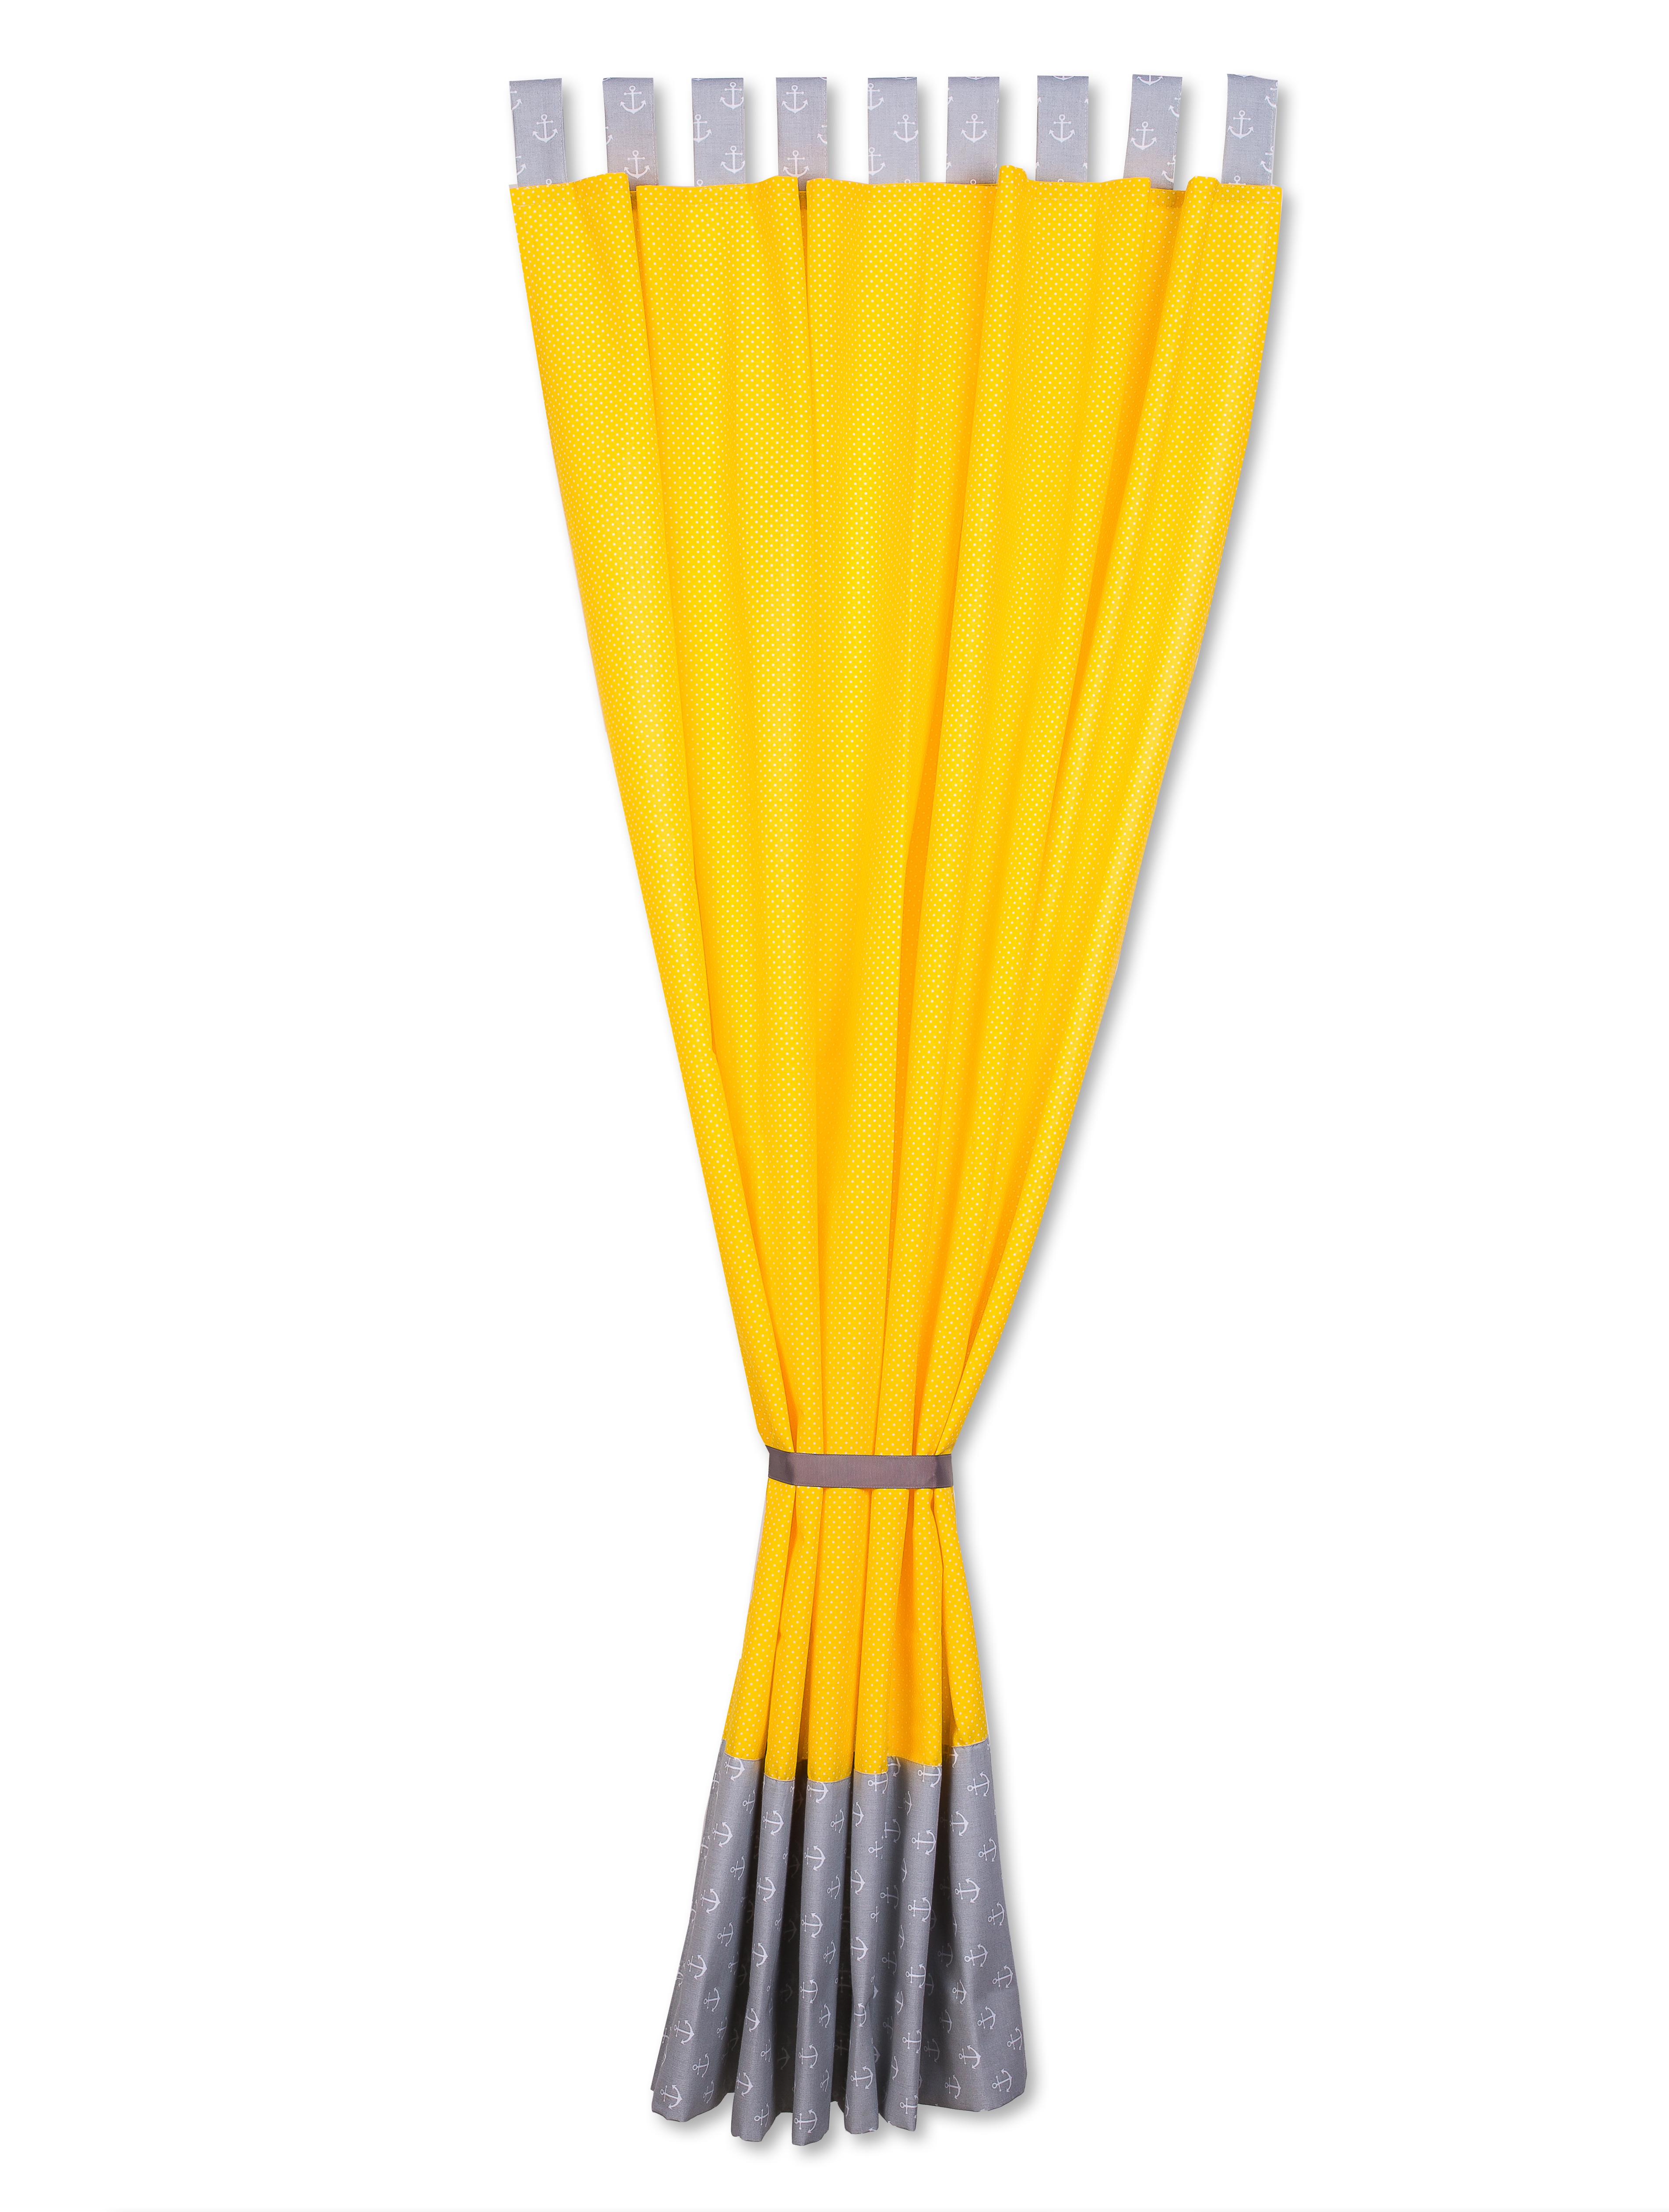 kraftkids gardinen wei e anker auf grau und wei e punkte auf gelb l nge 170 cm. Black Bedroom Furniture Sets. Home Design Ideas